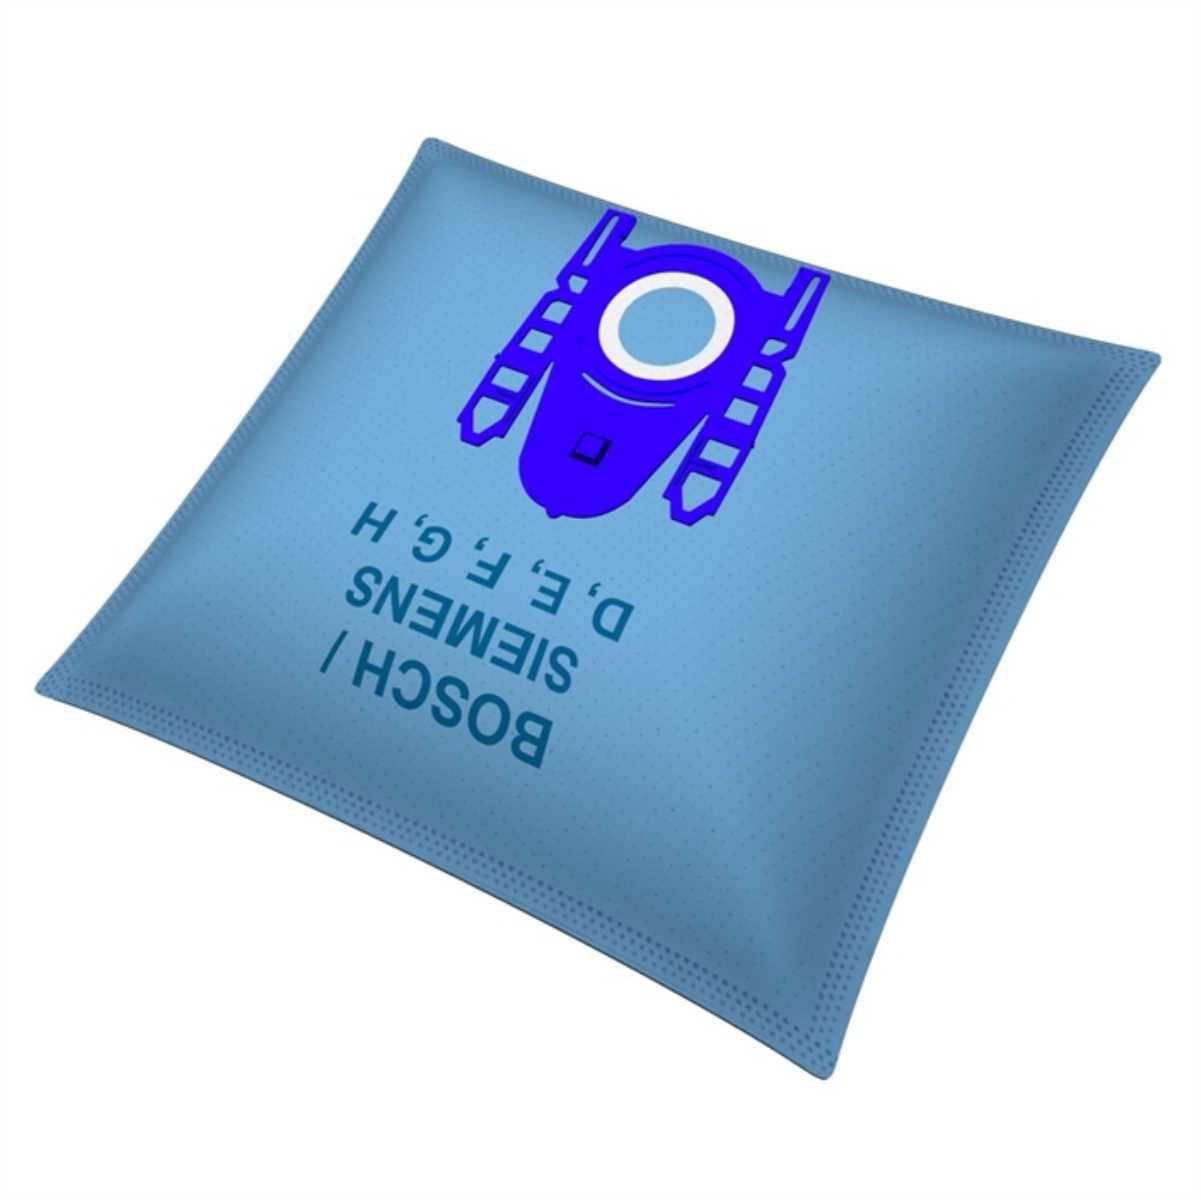 7aad0284-c225-11e8-bcbe-c88cb40e8067-2